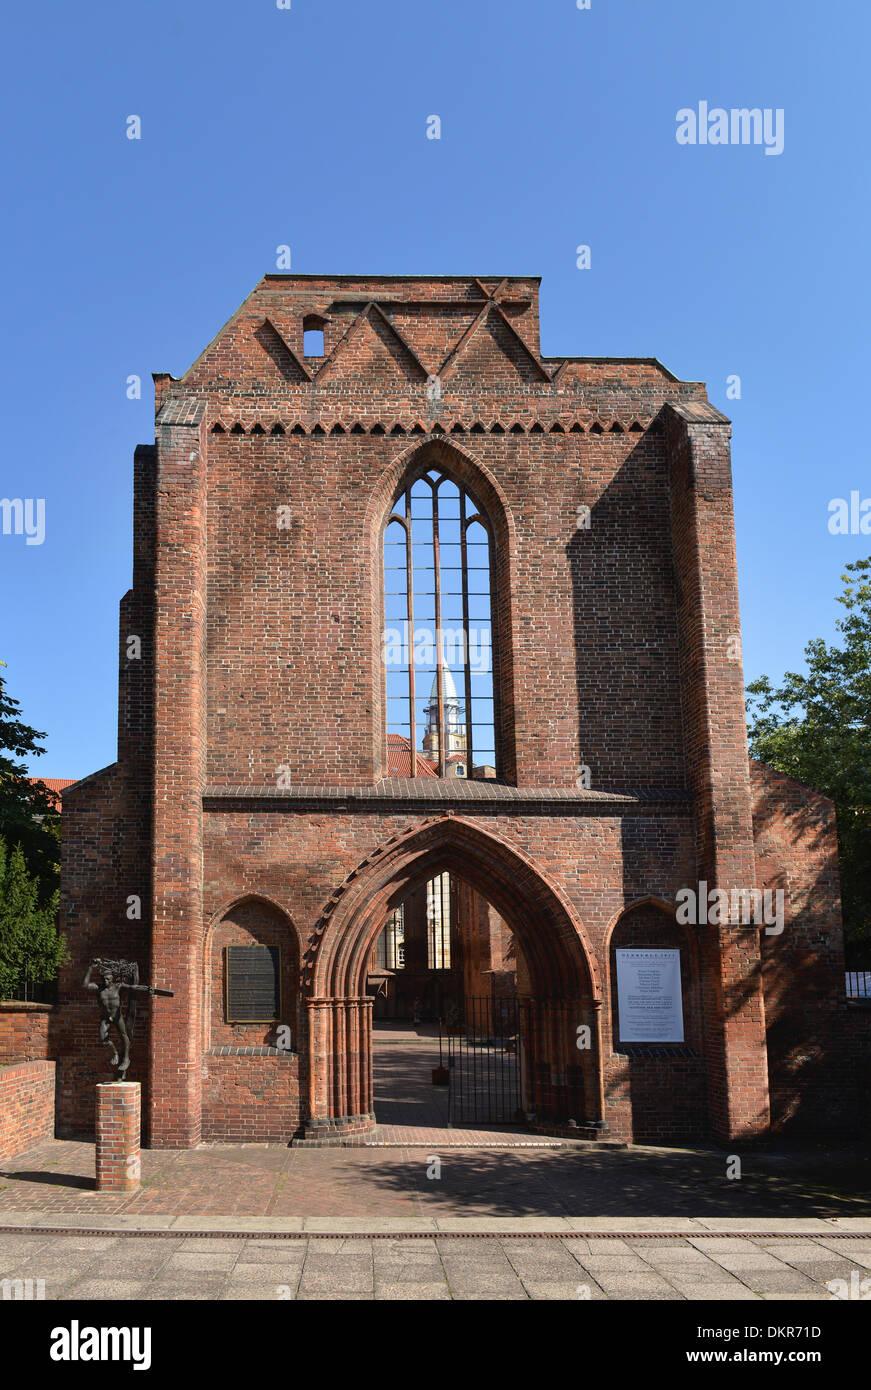 Ruine Klosterkirche, Klosterstrasse, Mitte, Berlin, Deutschland - Stock Image